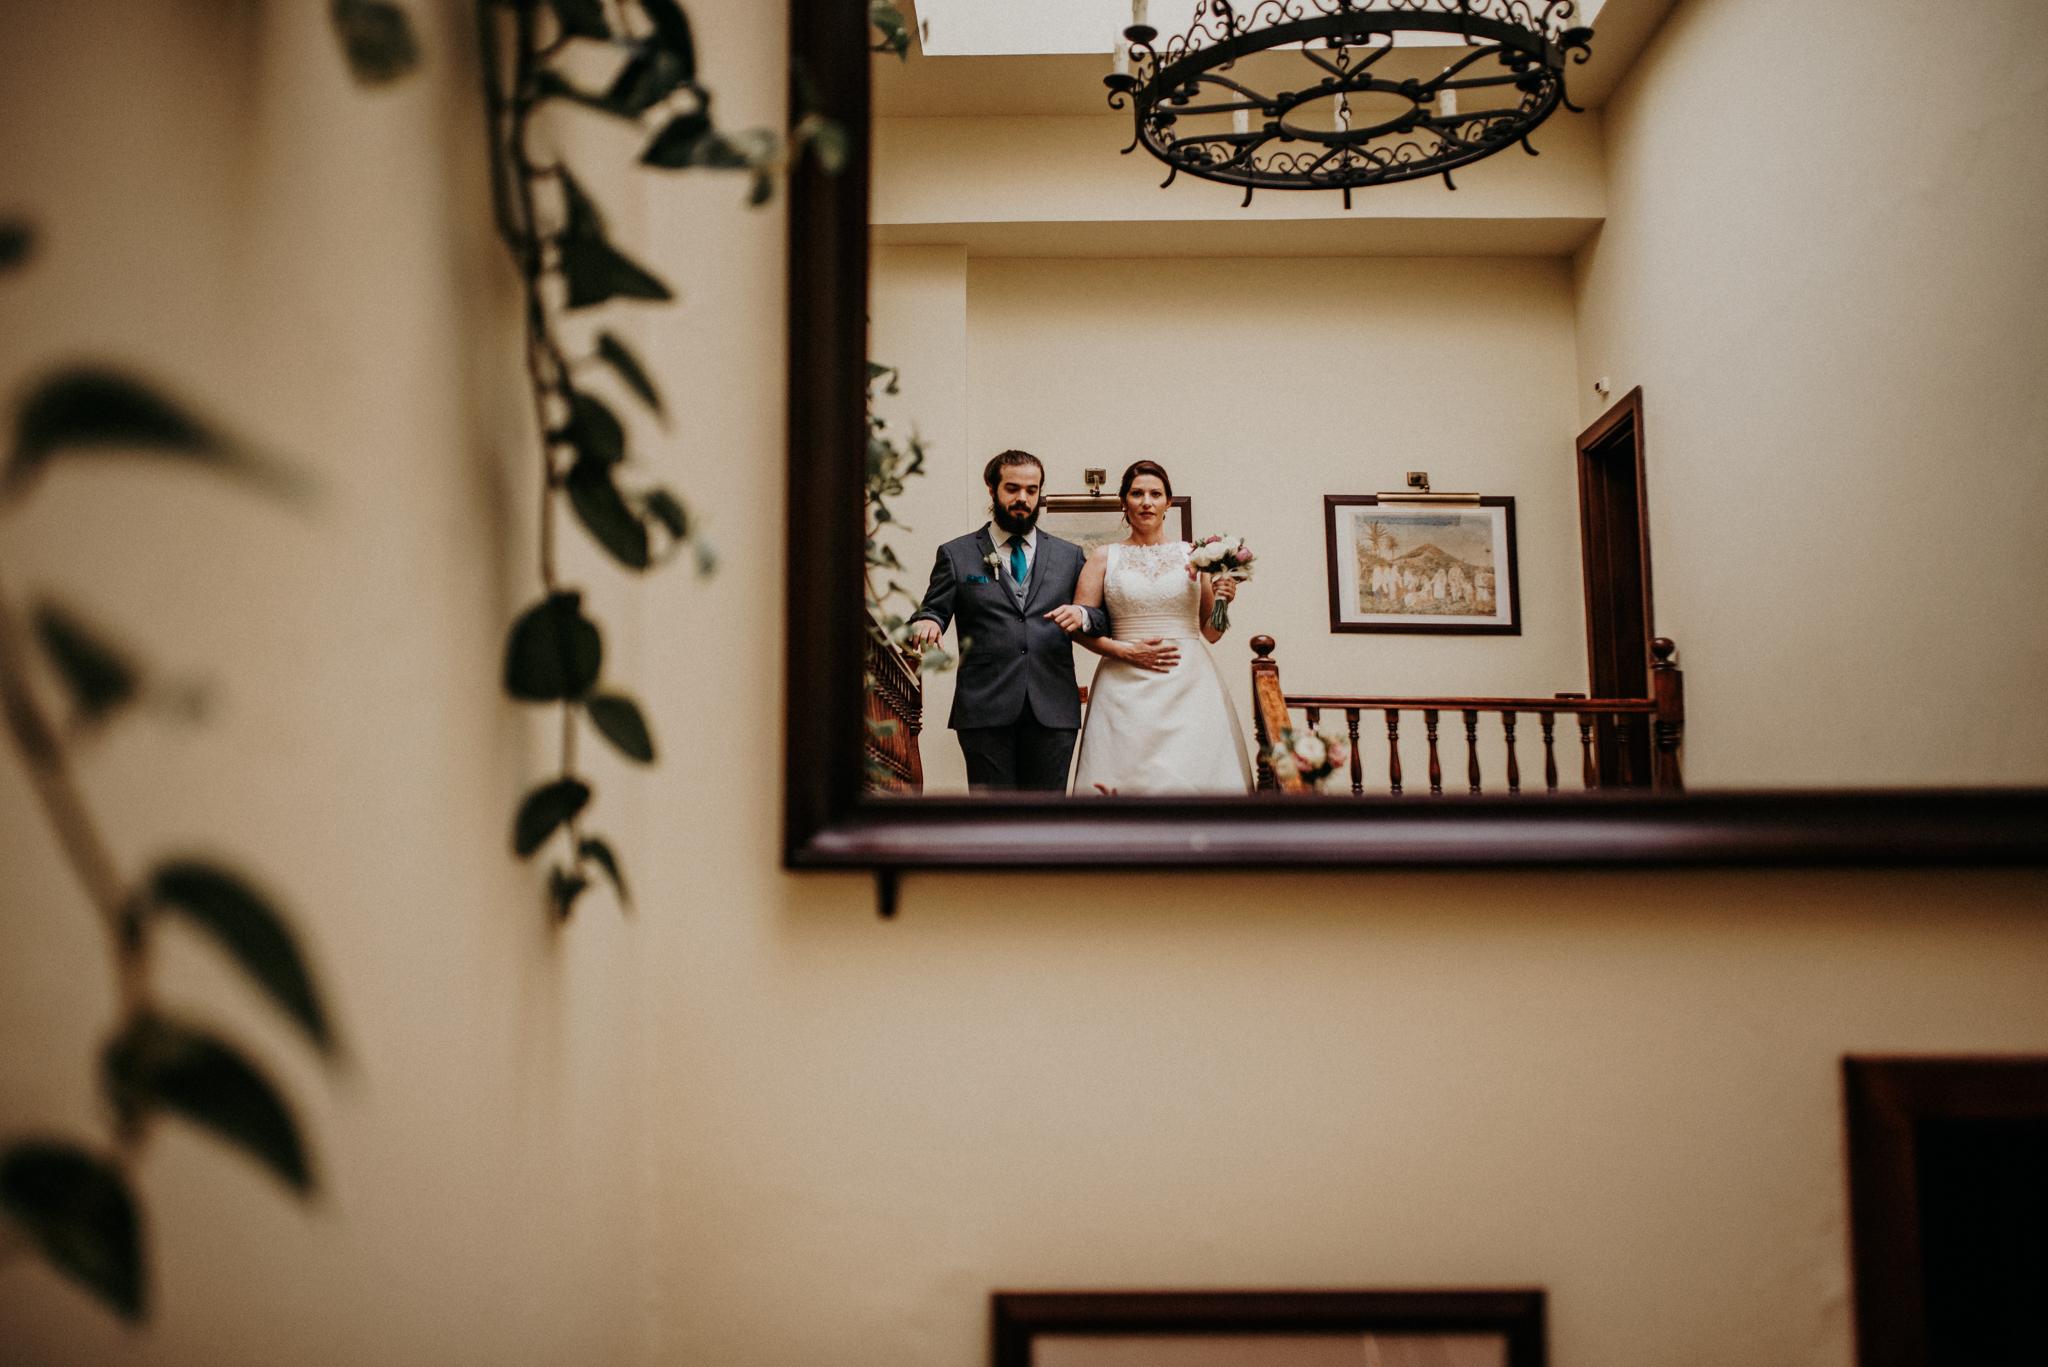 sonia boda-65.jpg